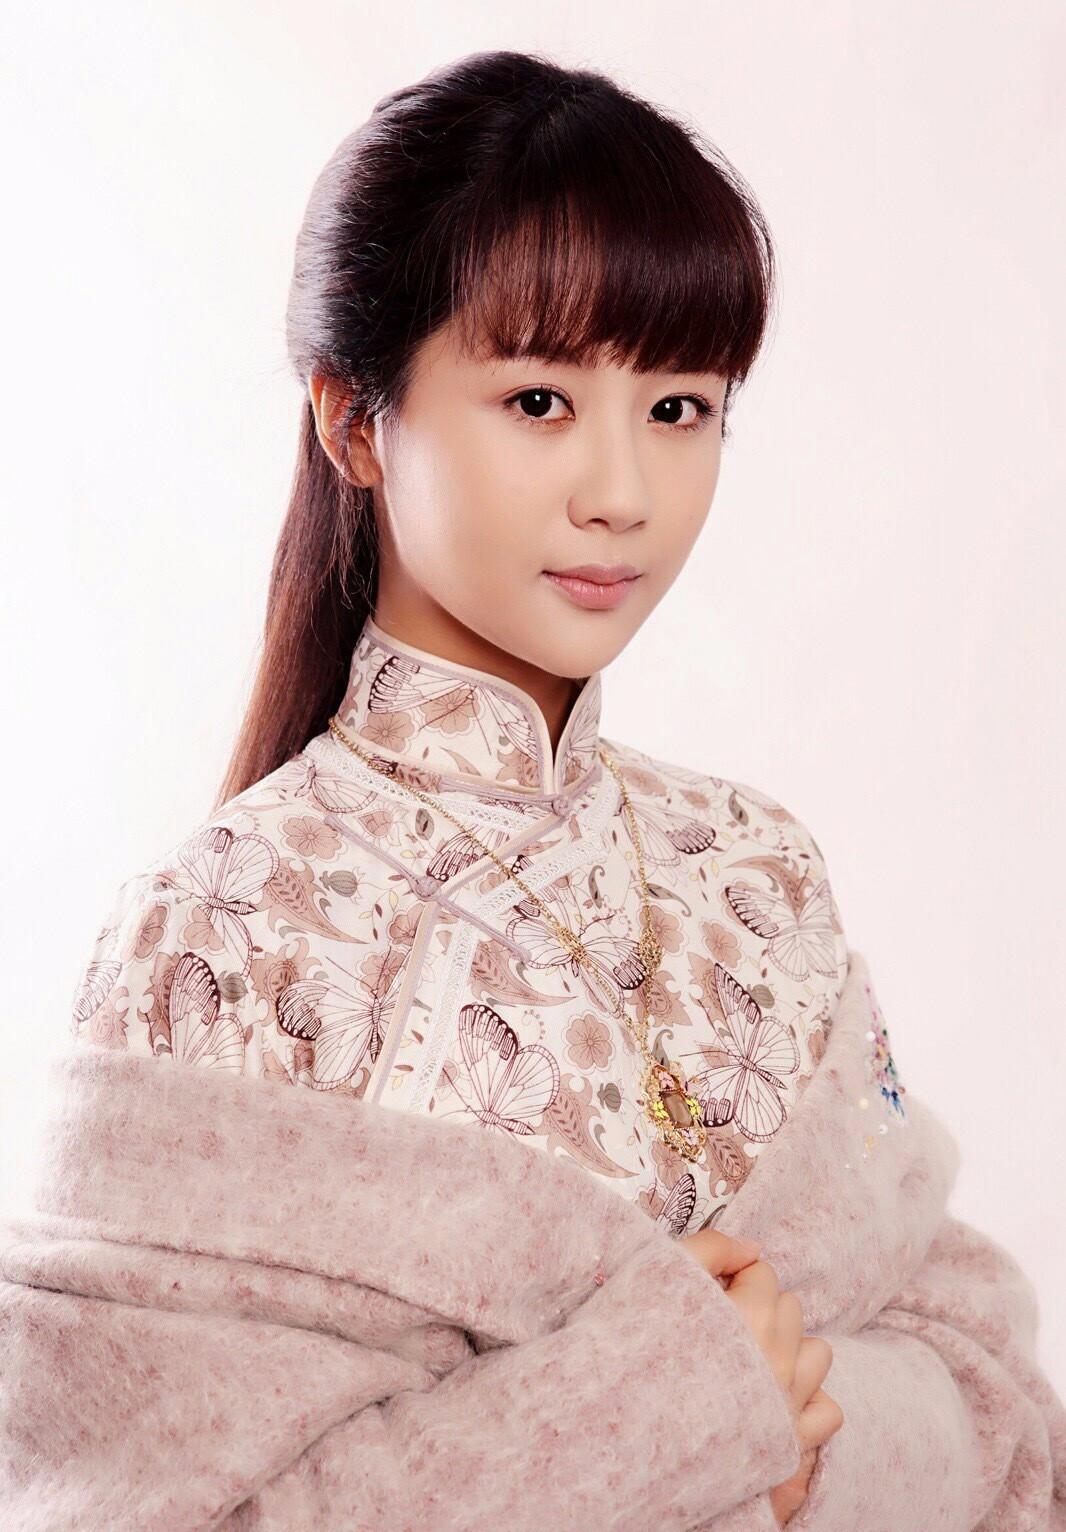 杨紫照片 杨紫儿时照片对比,真是女大十八变,越来越美了!